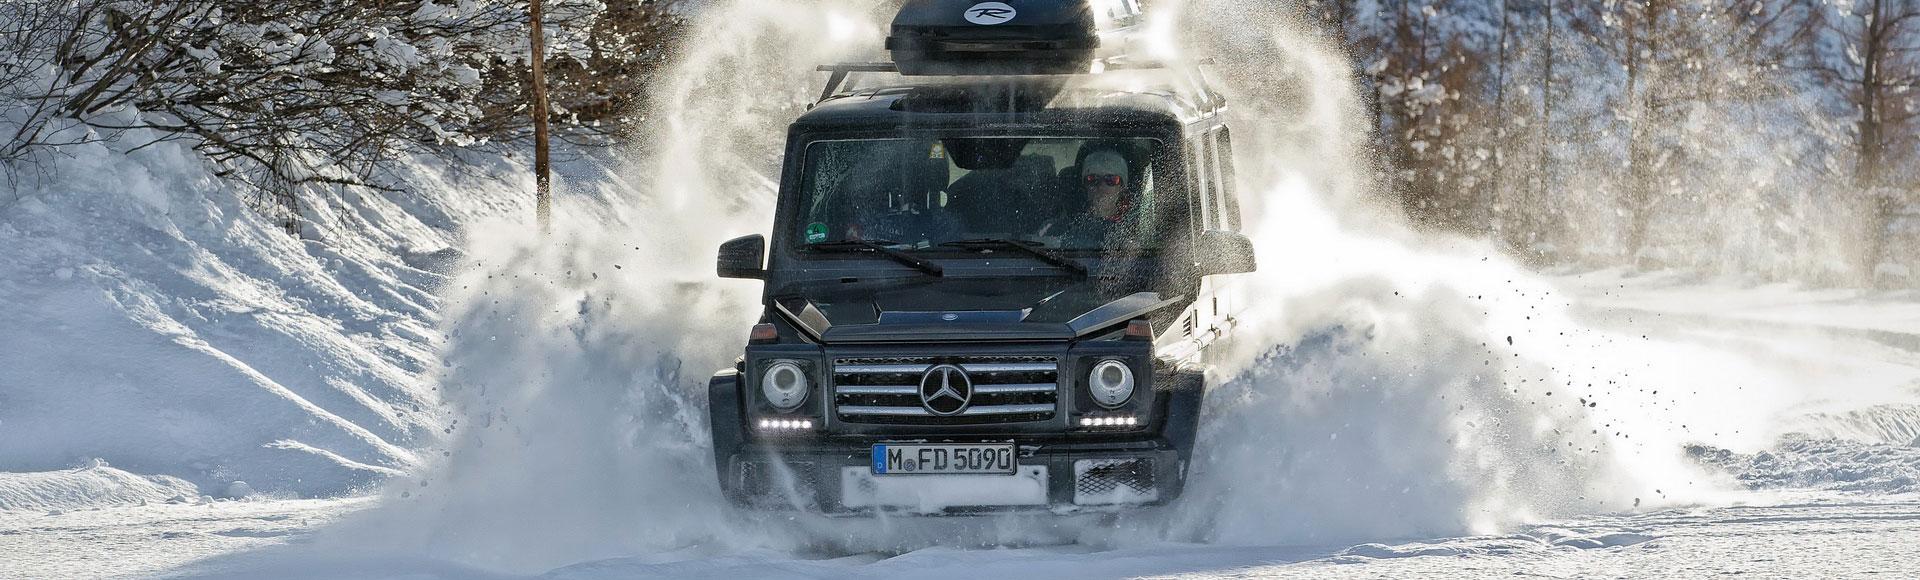 Mercedes Benz G Modell 2015 Winter 232